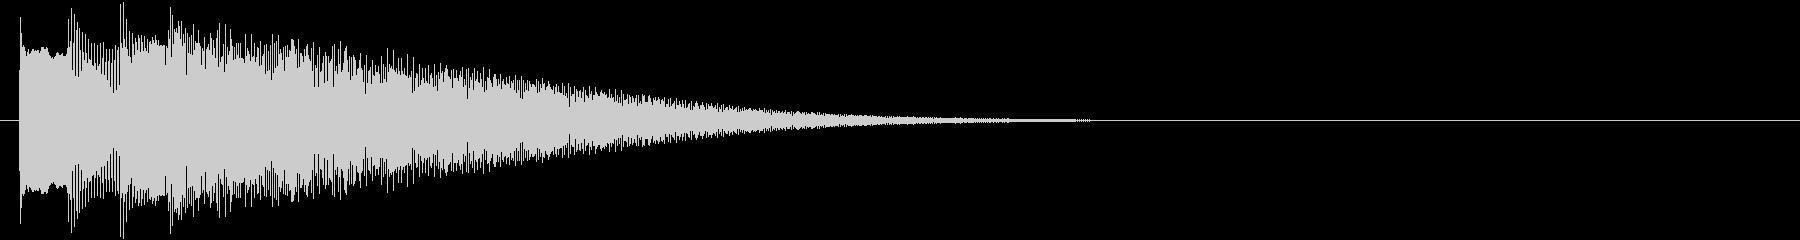 フレーズ系03 文字、テロップ表示(小)の未再生の波形